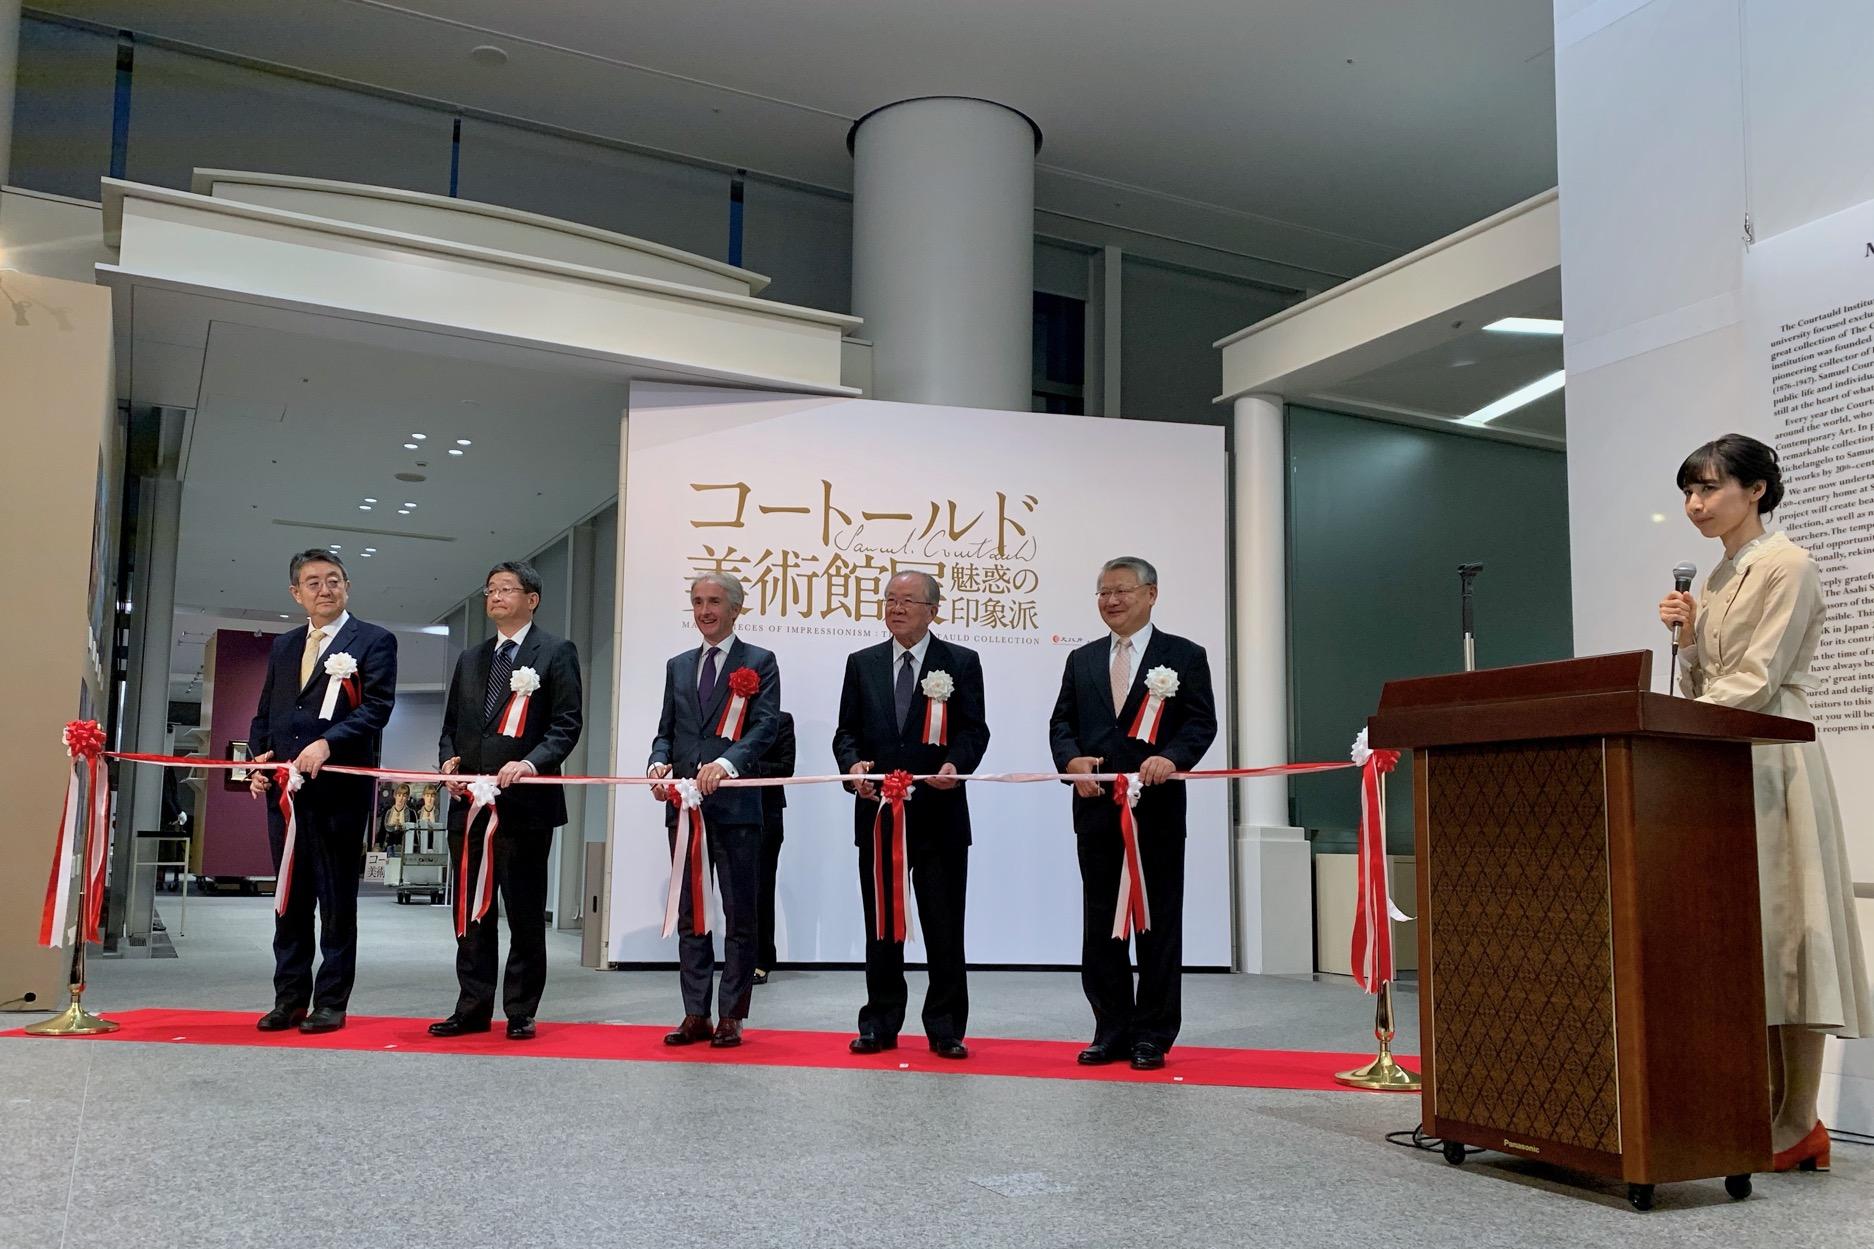 印象派ファン必見。60点の名作が集結する「コートールド美術館展」が名古屋初開催 - IMG 9375